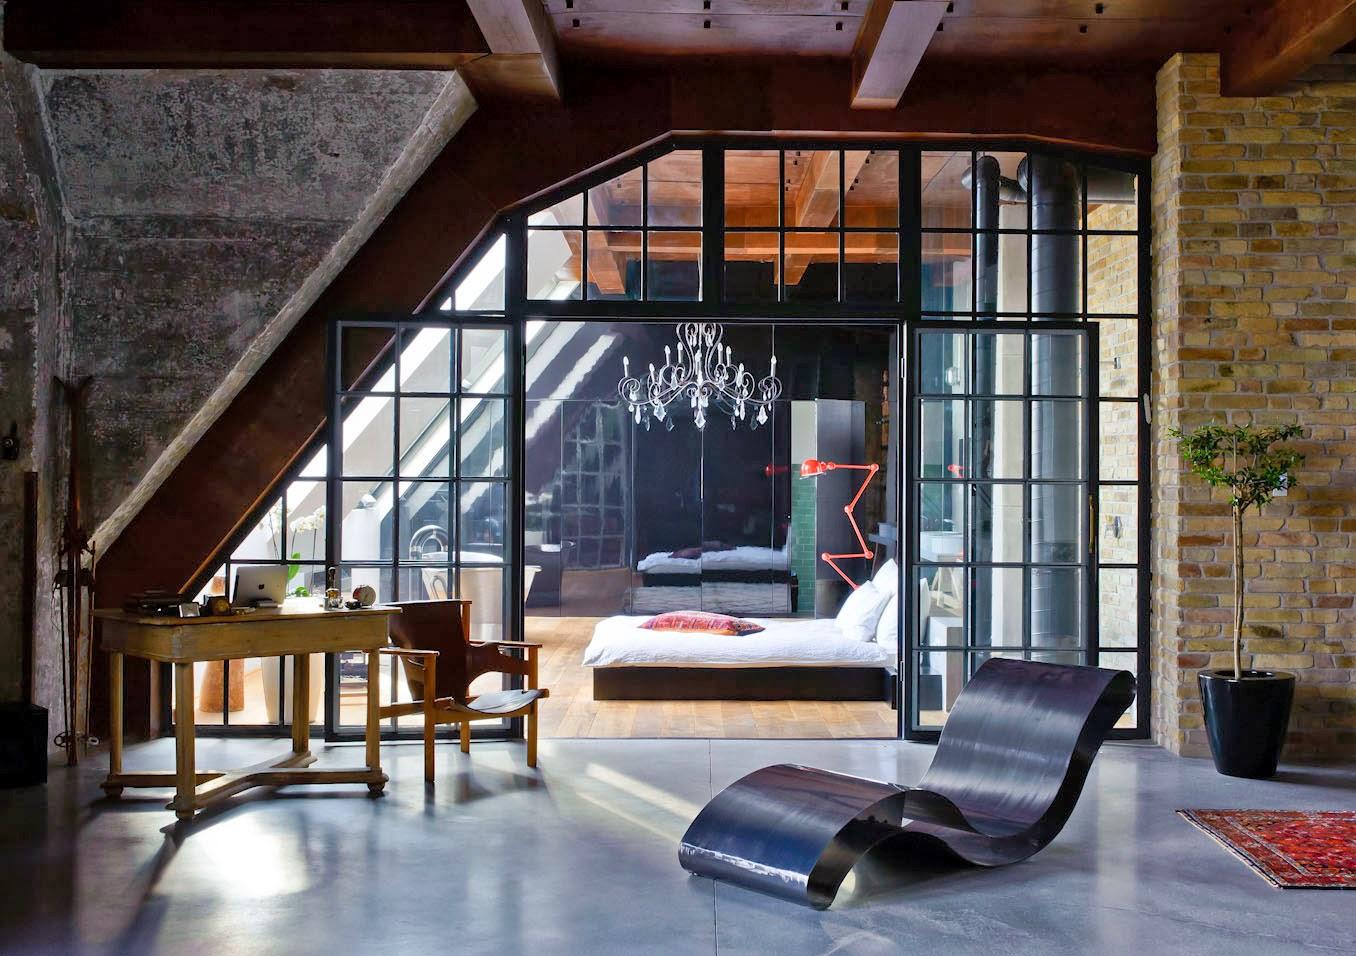 55 ivoree for Apartment 8 design